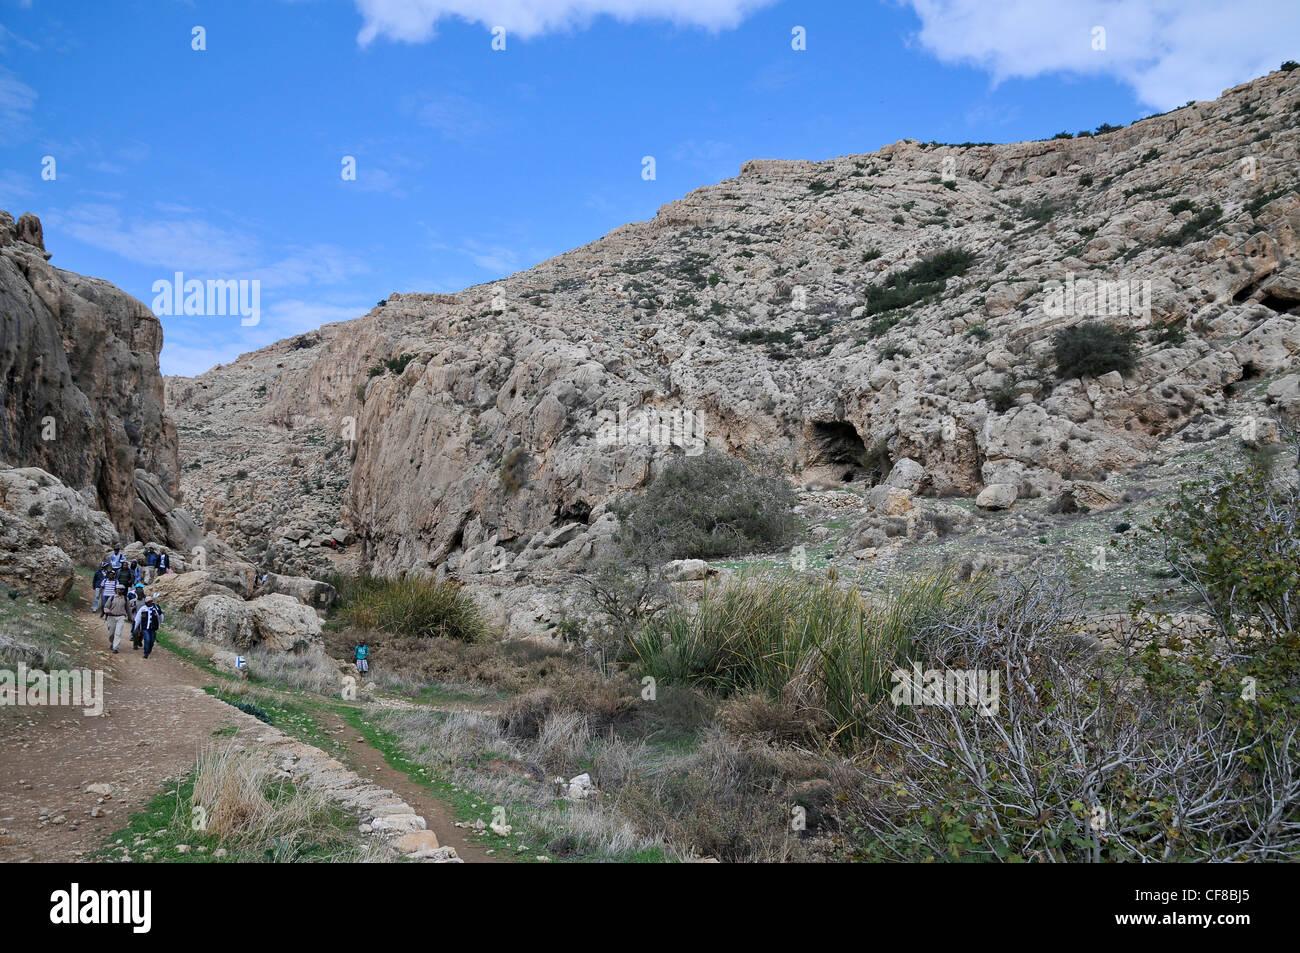 Israel, Jordan Valley, Wadi Qelt (Wadi Perat) offroad hiking - Stock Image